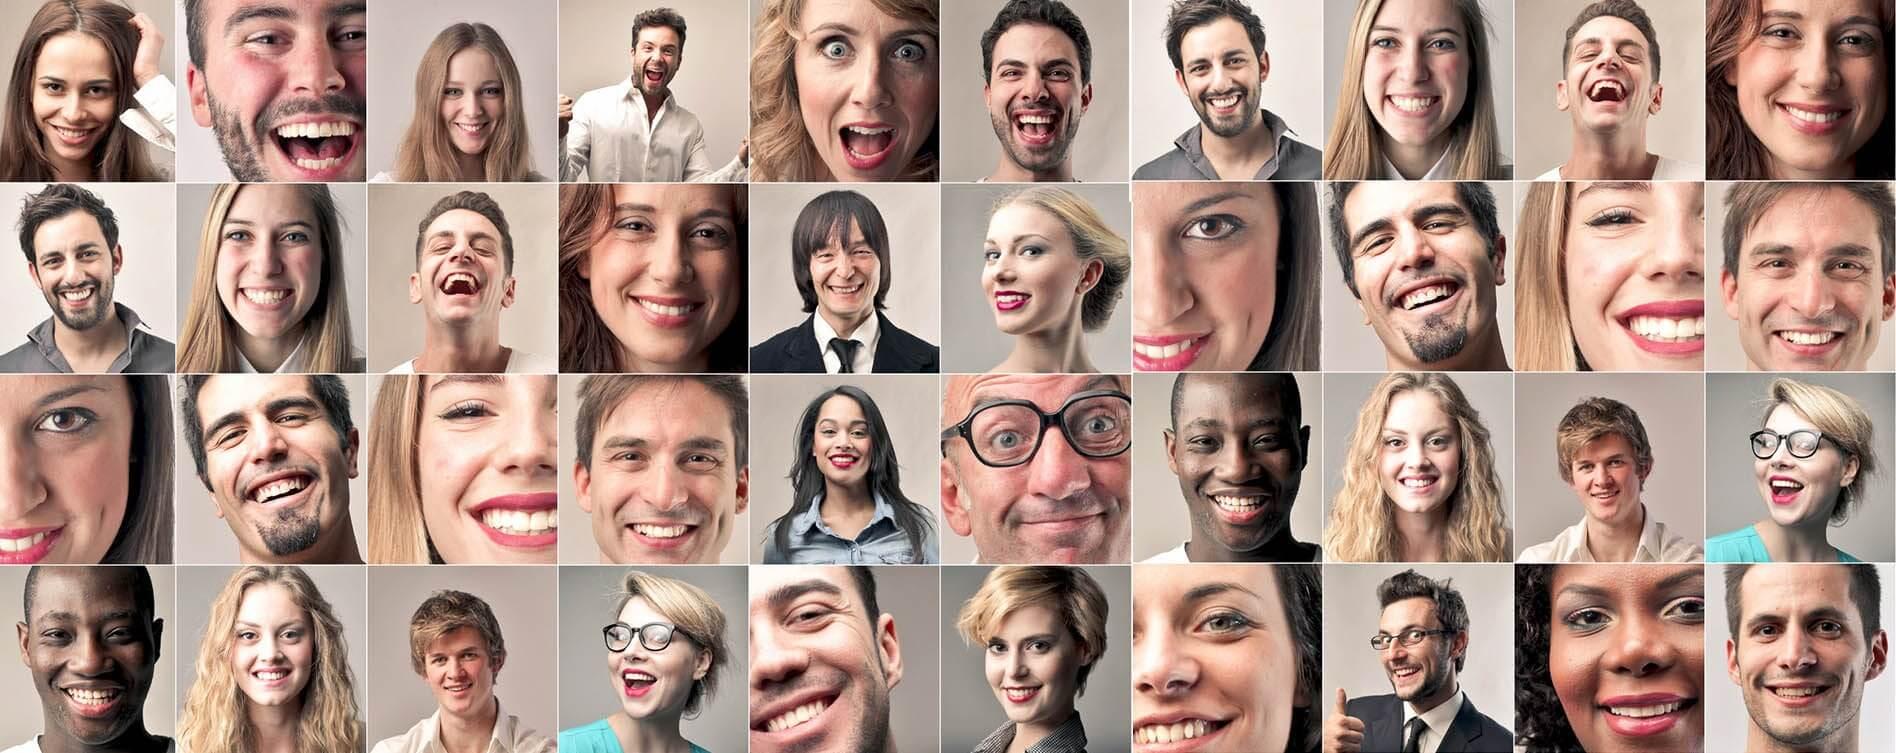 для портреты людей фото коллаж эффектно смотрятся фетровые